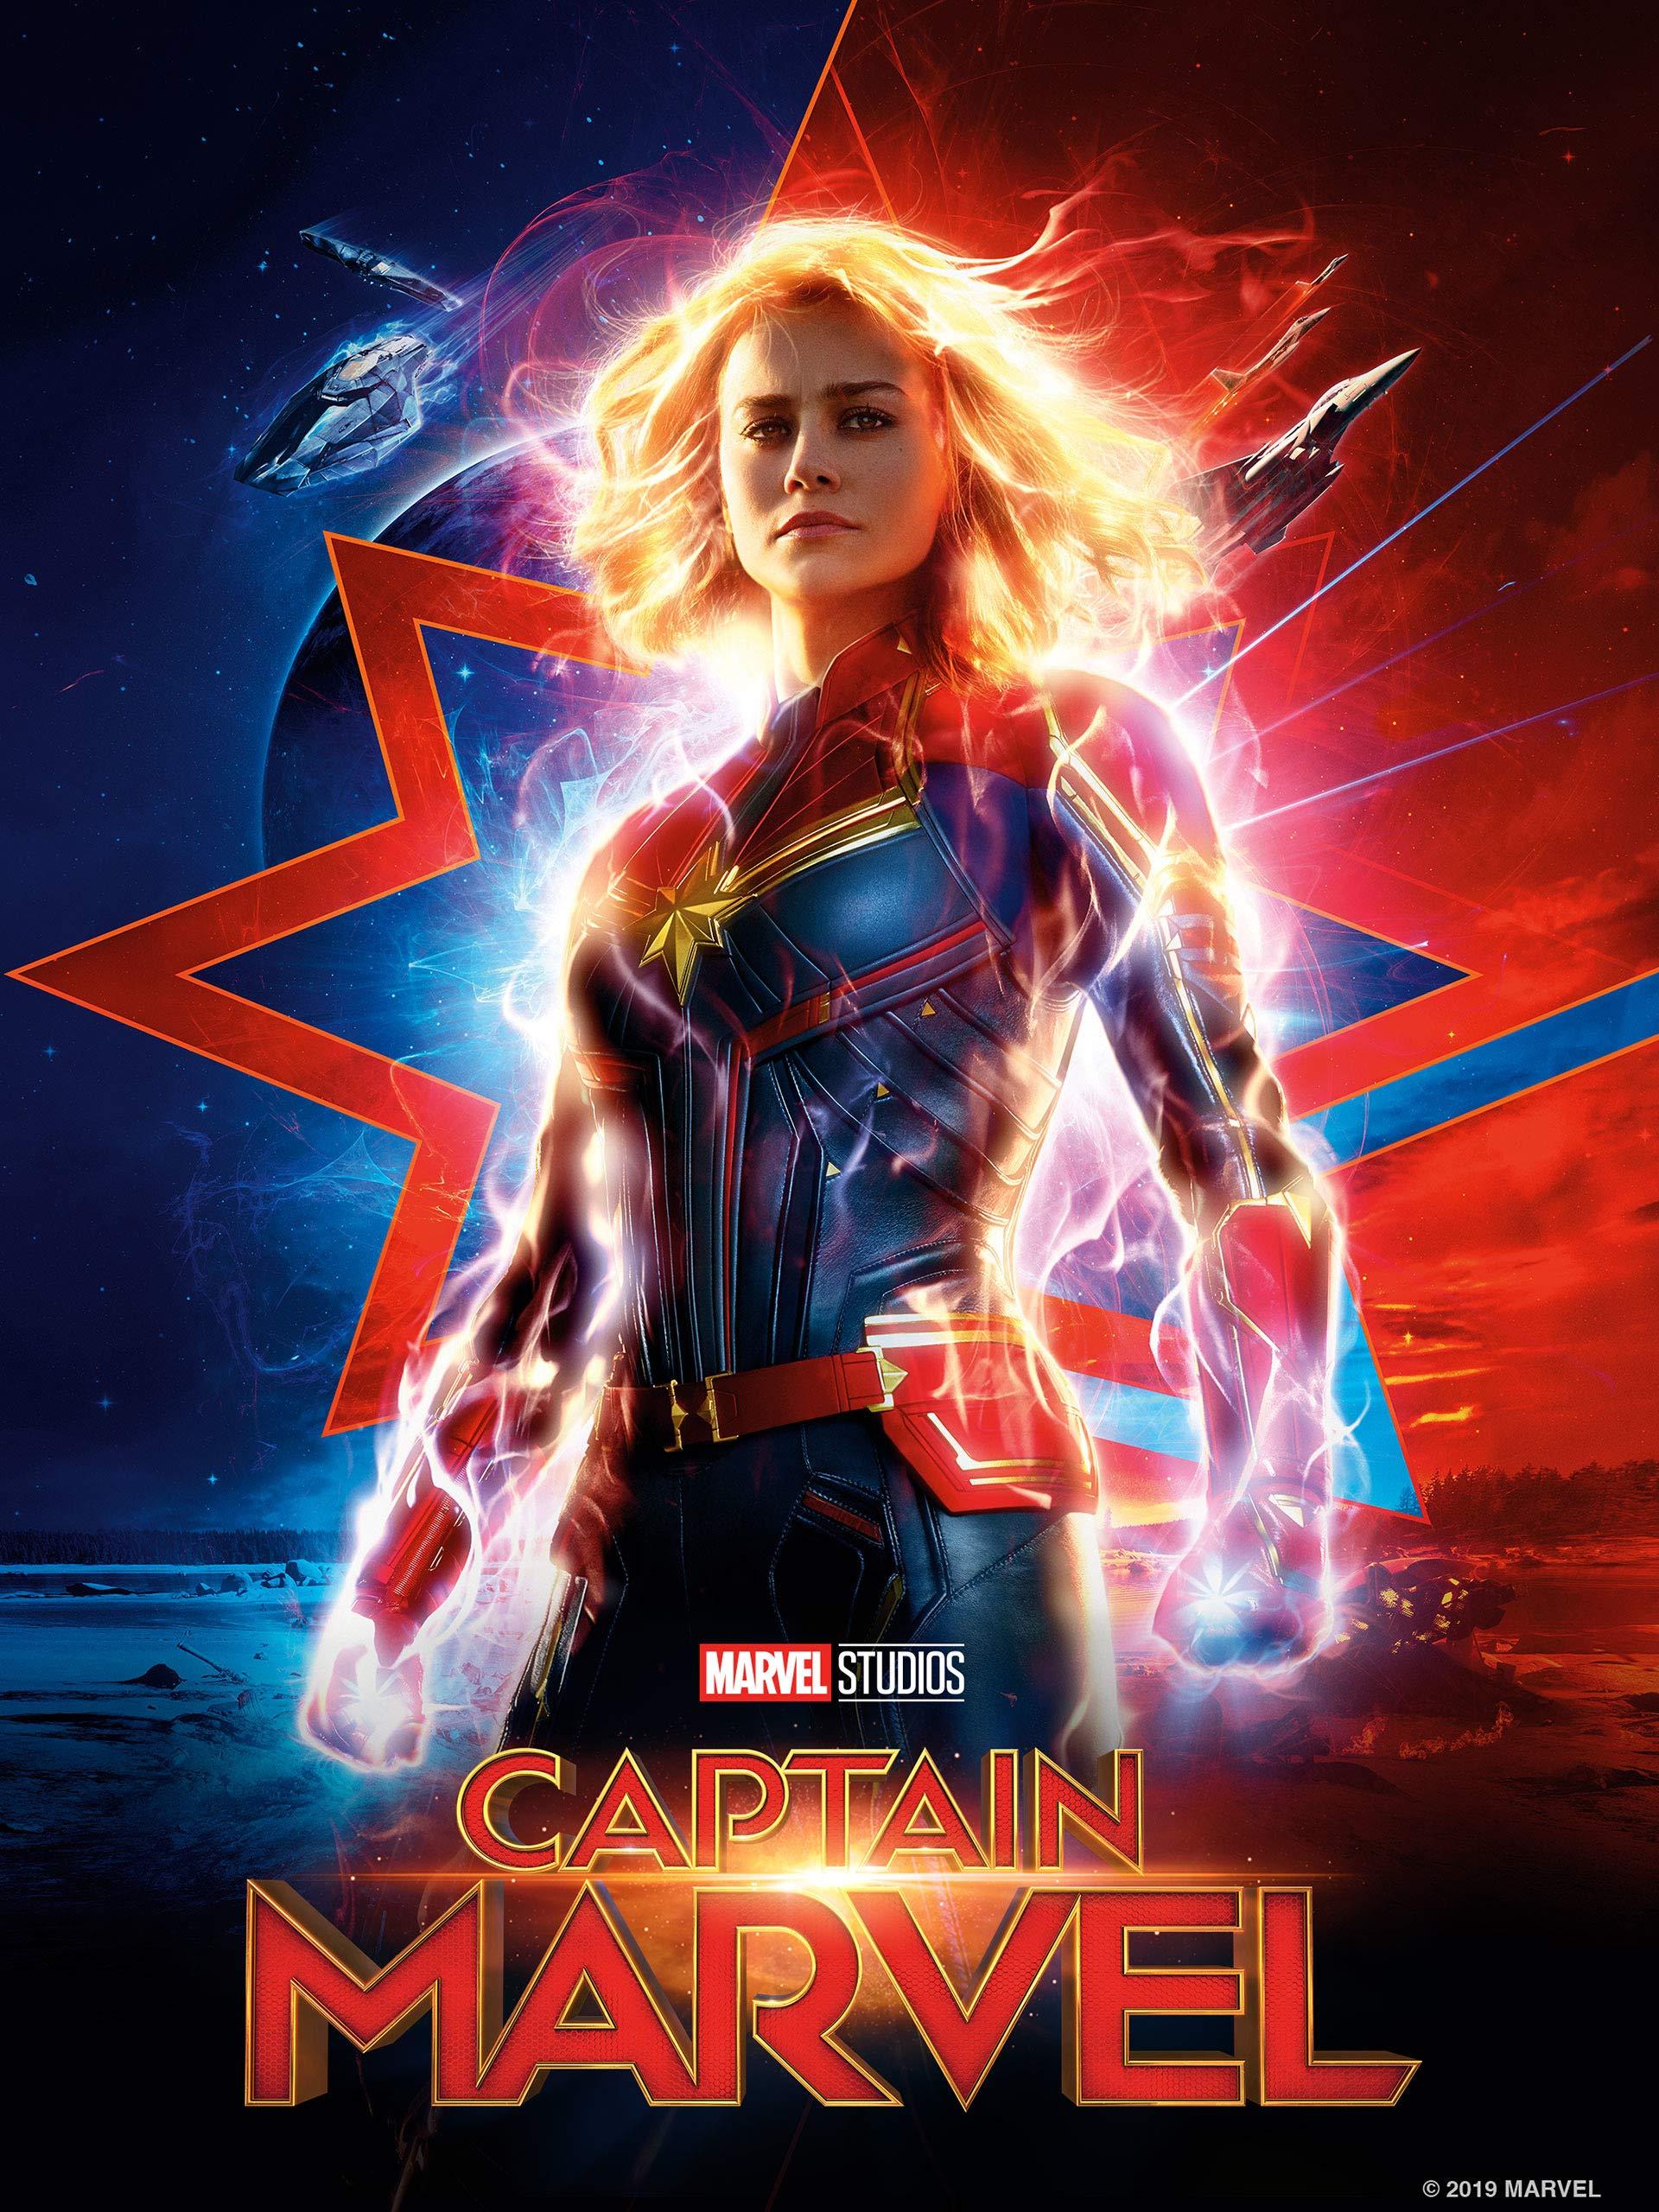 Ultra Hd Captain Marvel Wallpaper 4k